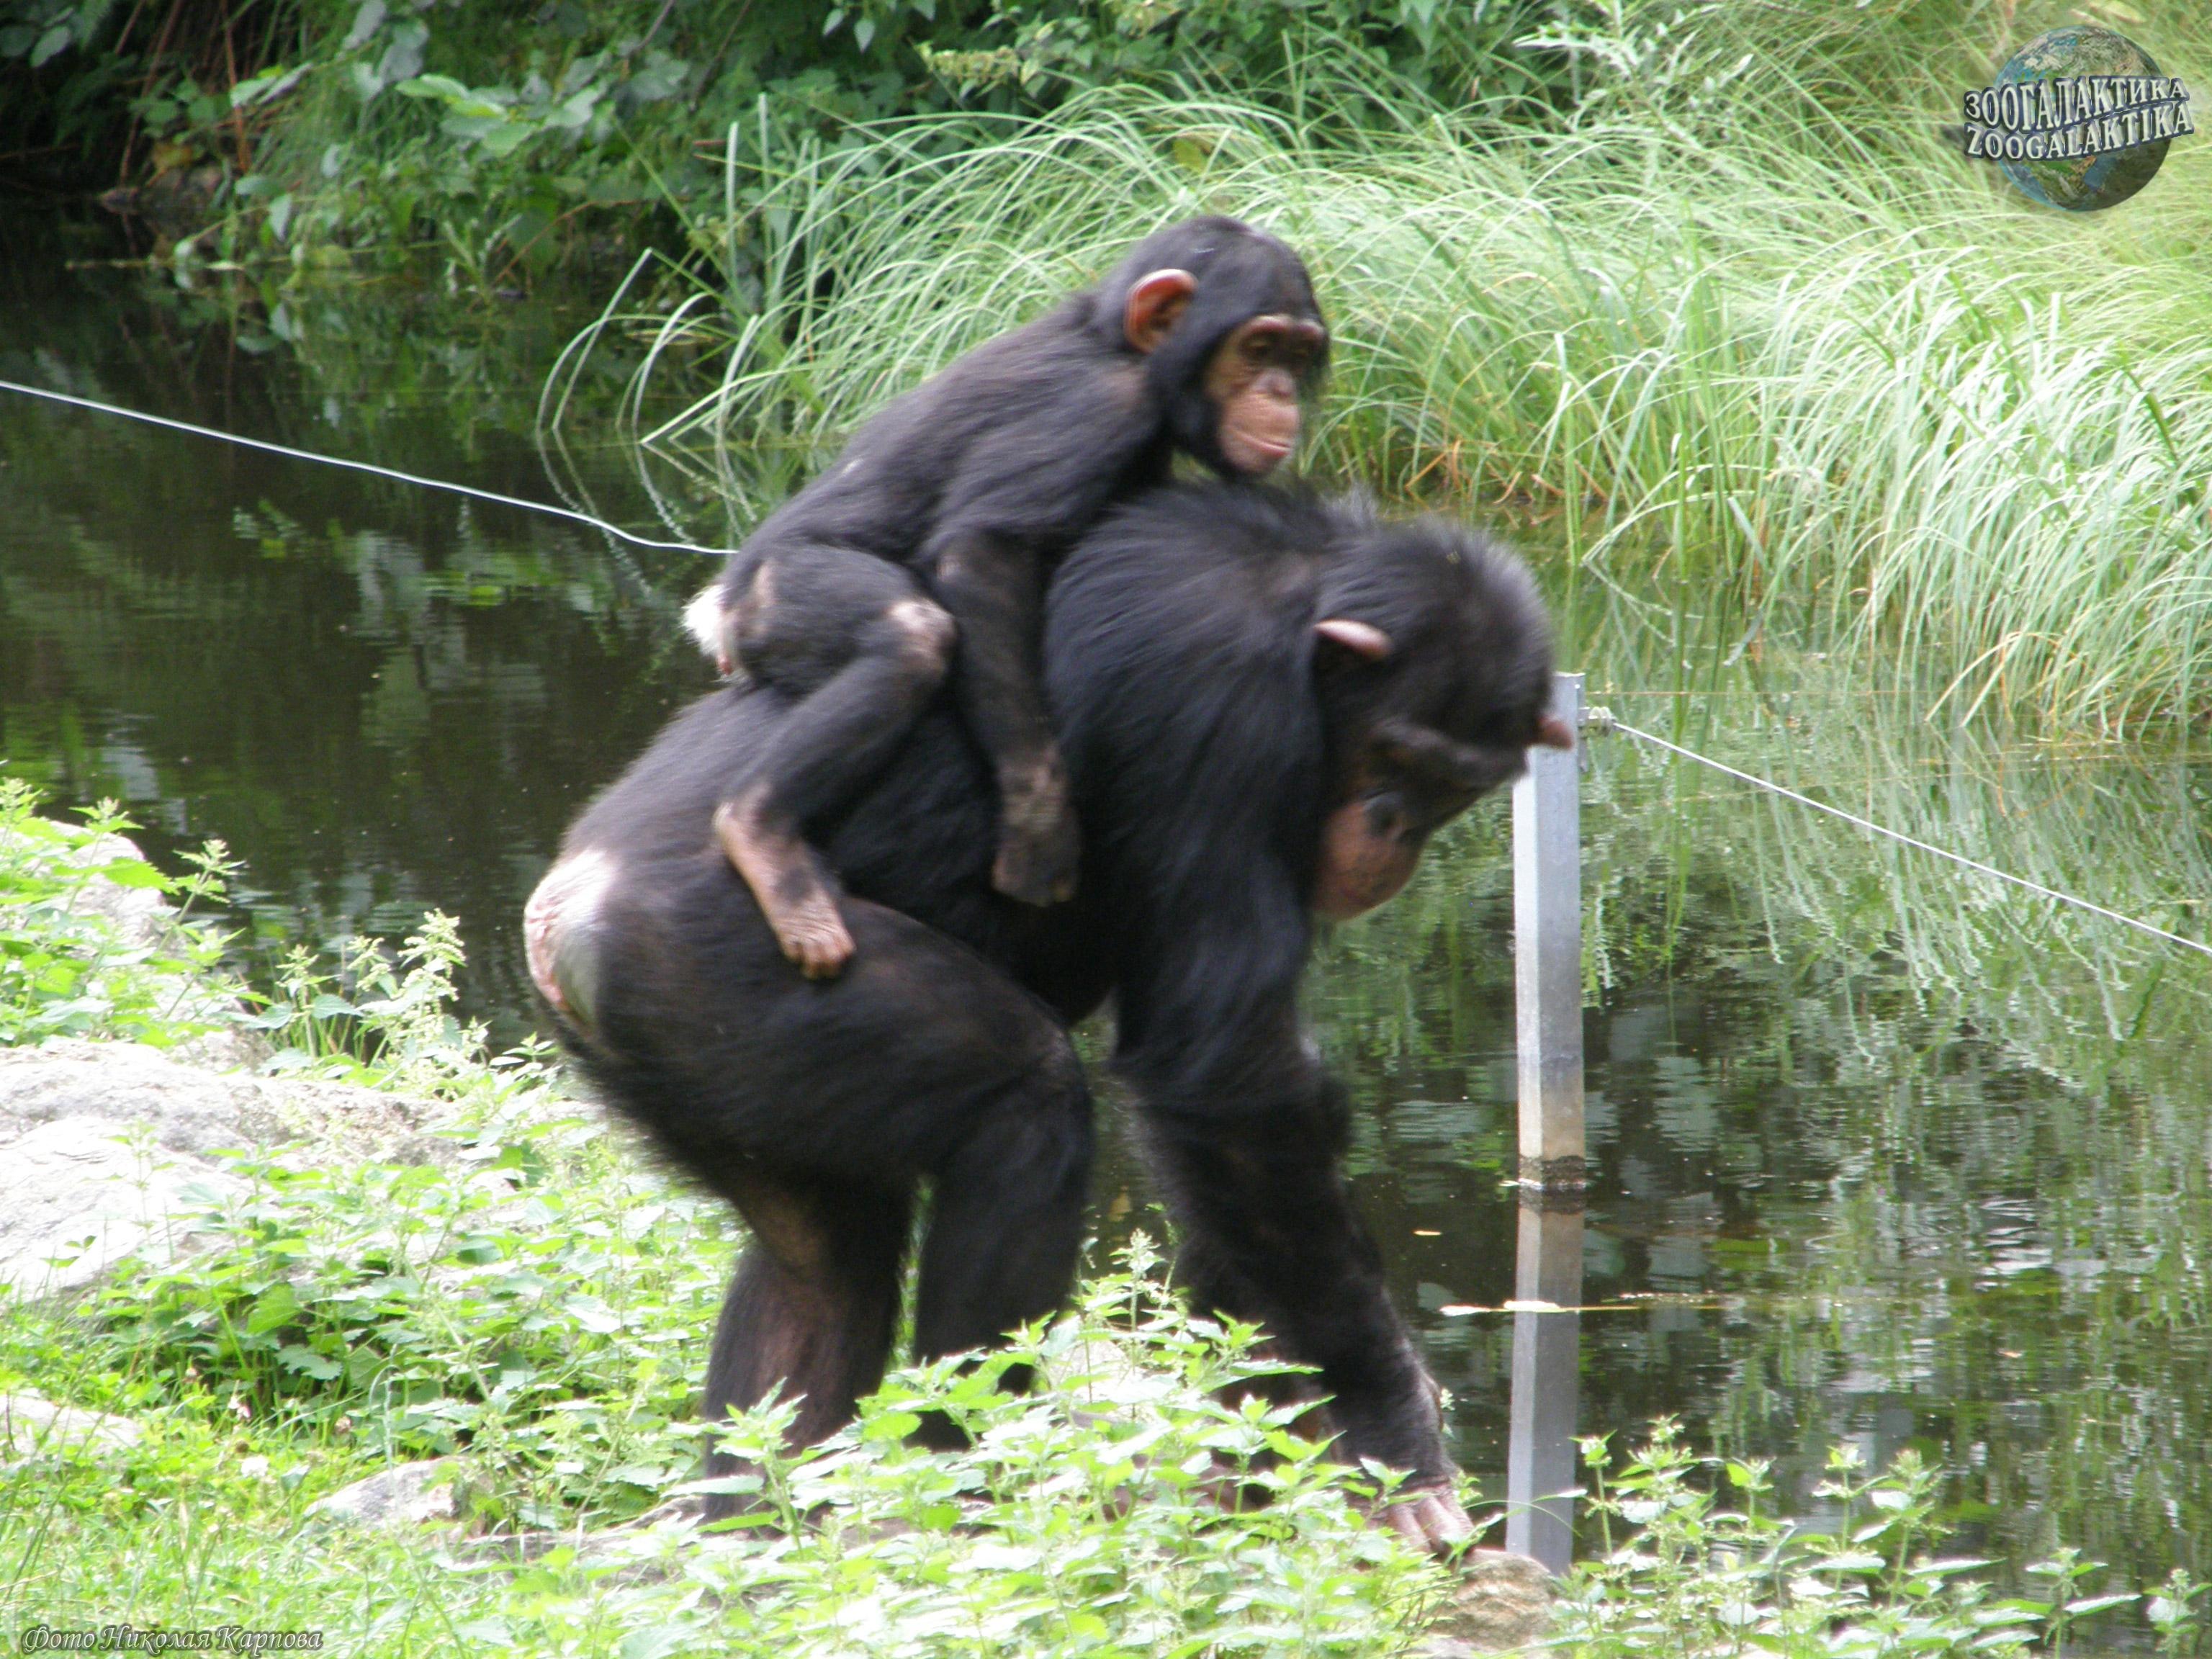 Сексуальное поведение приматов смотреть